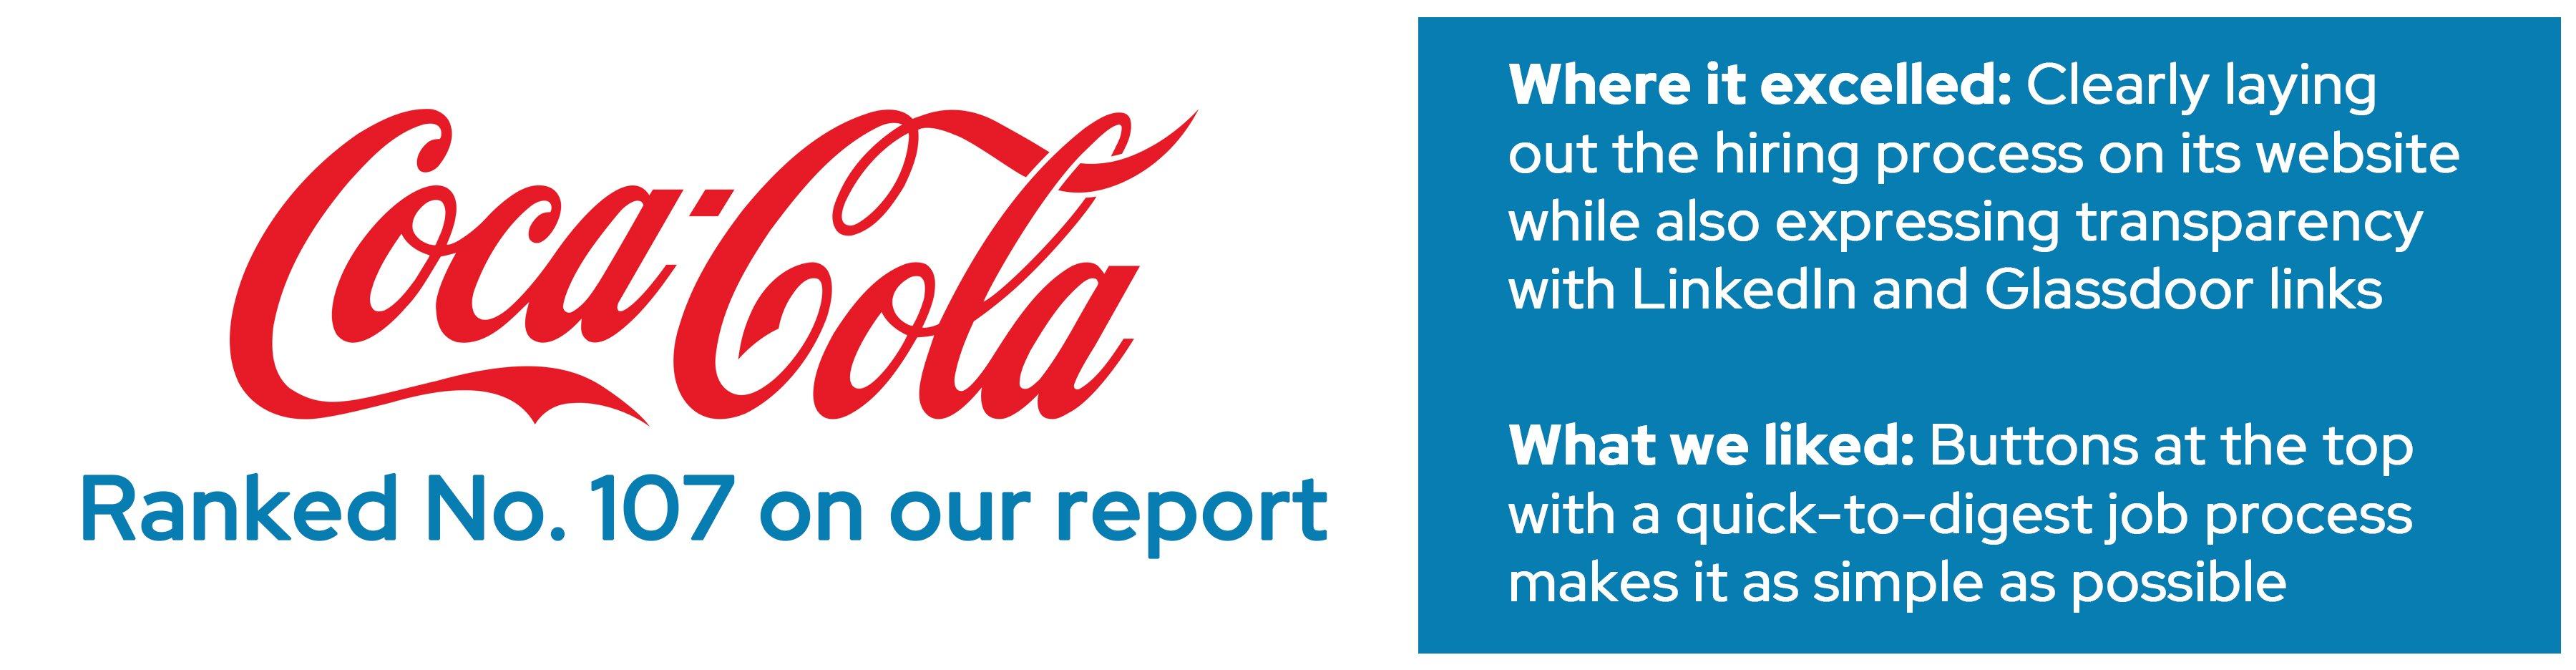 EBbestpracticesblog-CocaCola